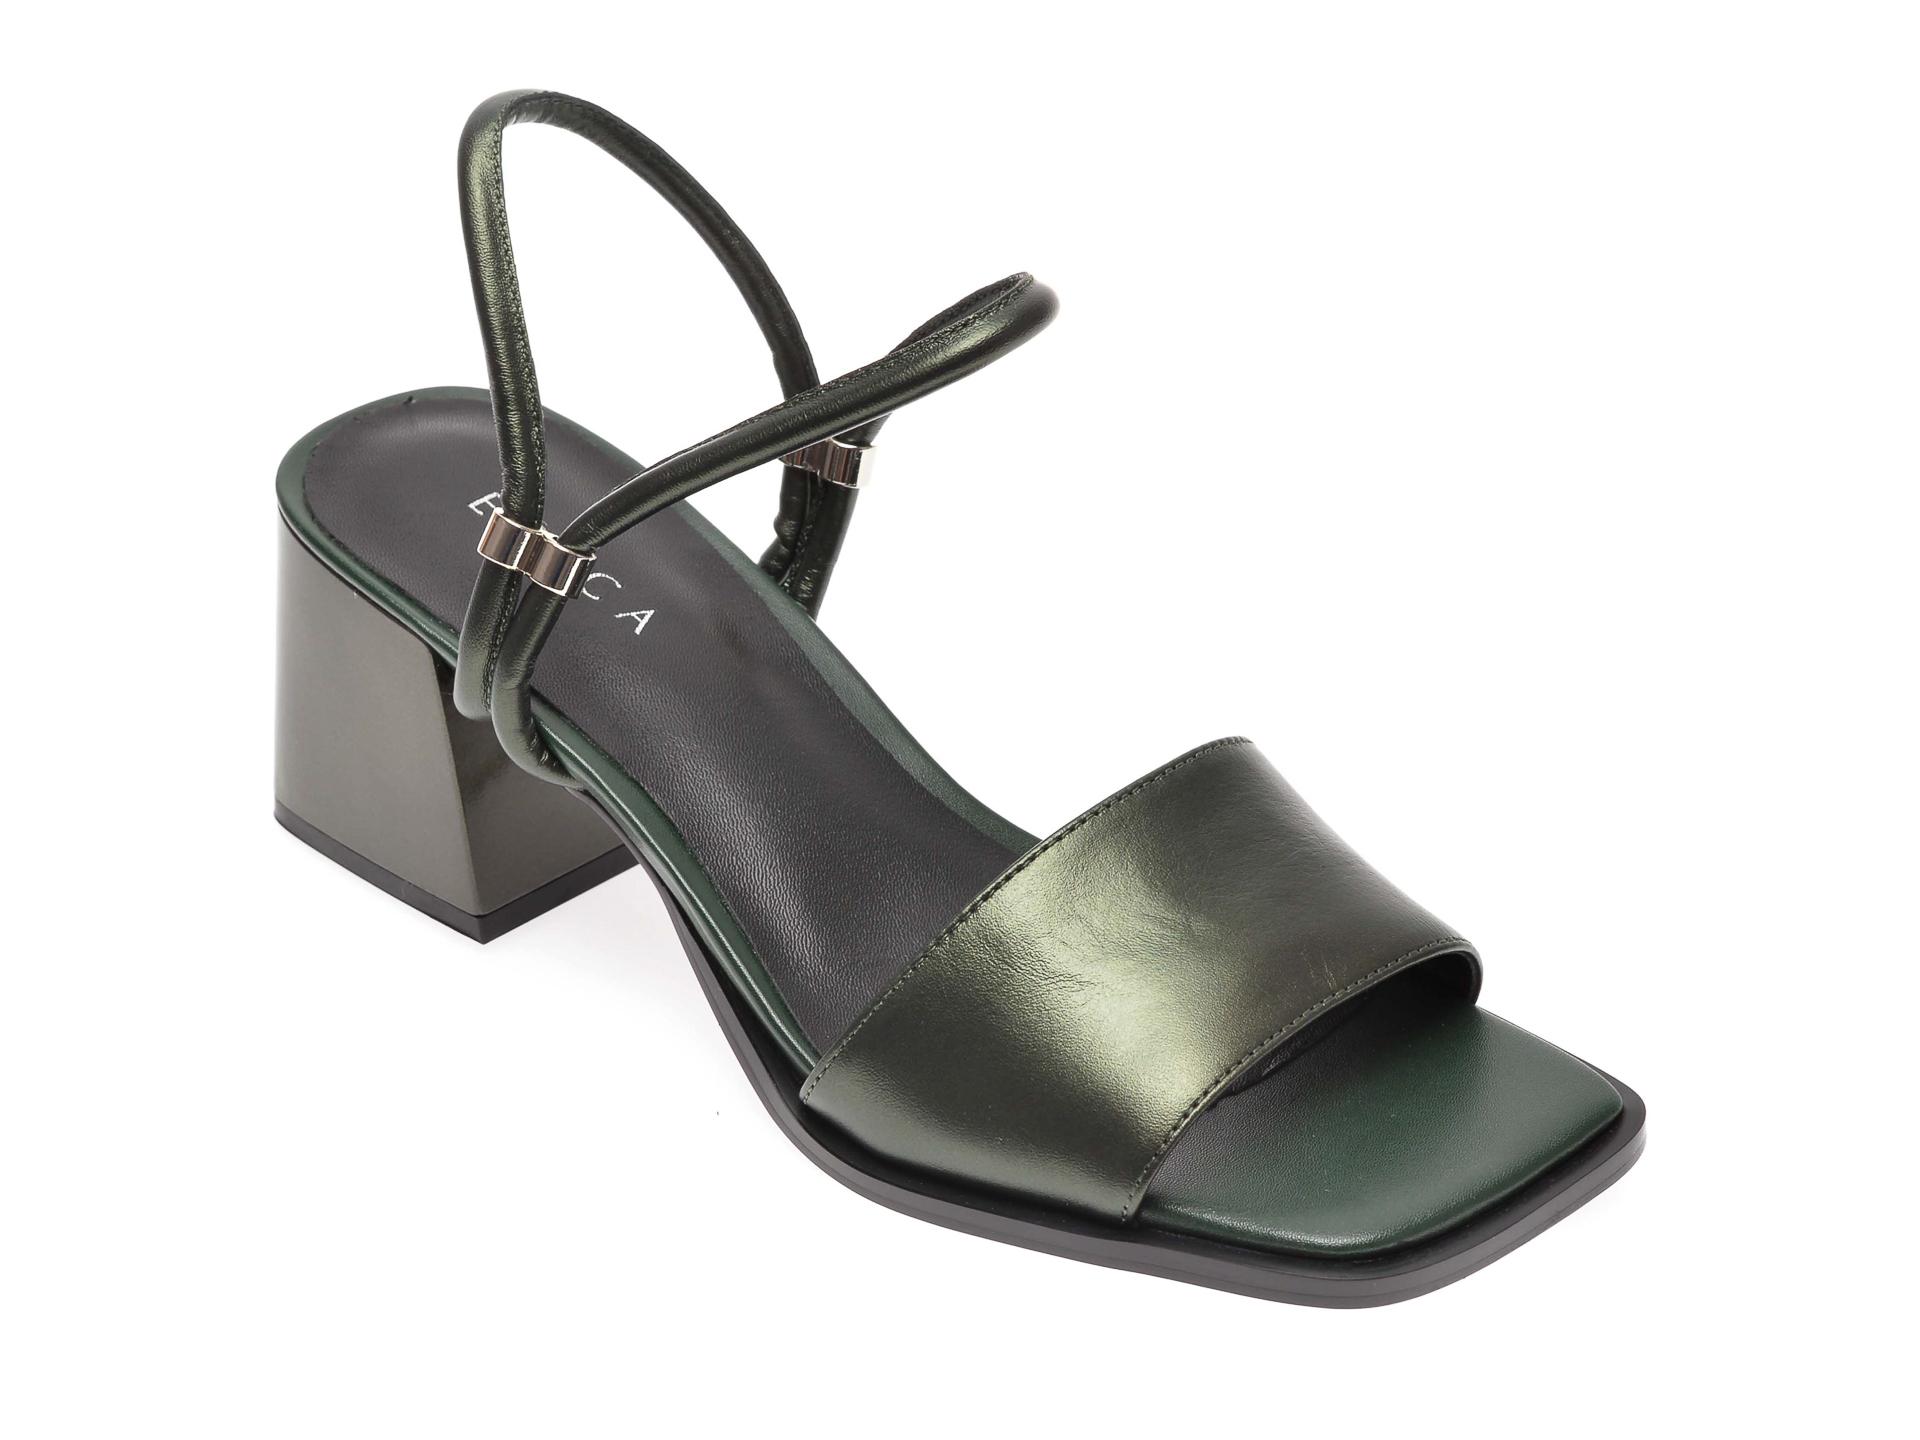 Sandale EPICA verzi, 70332, din piele naturala